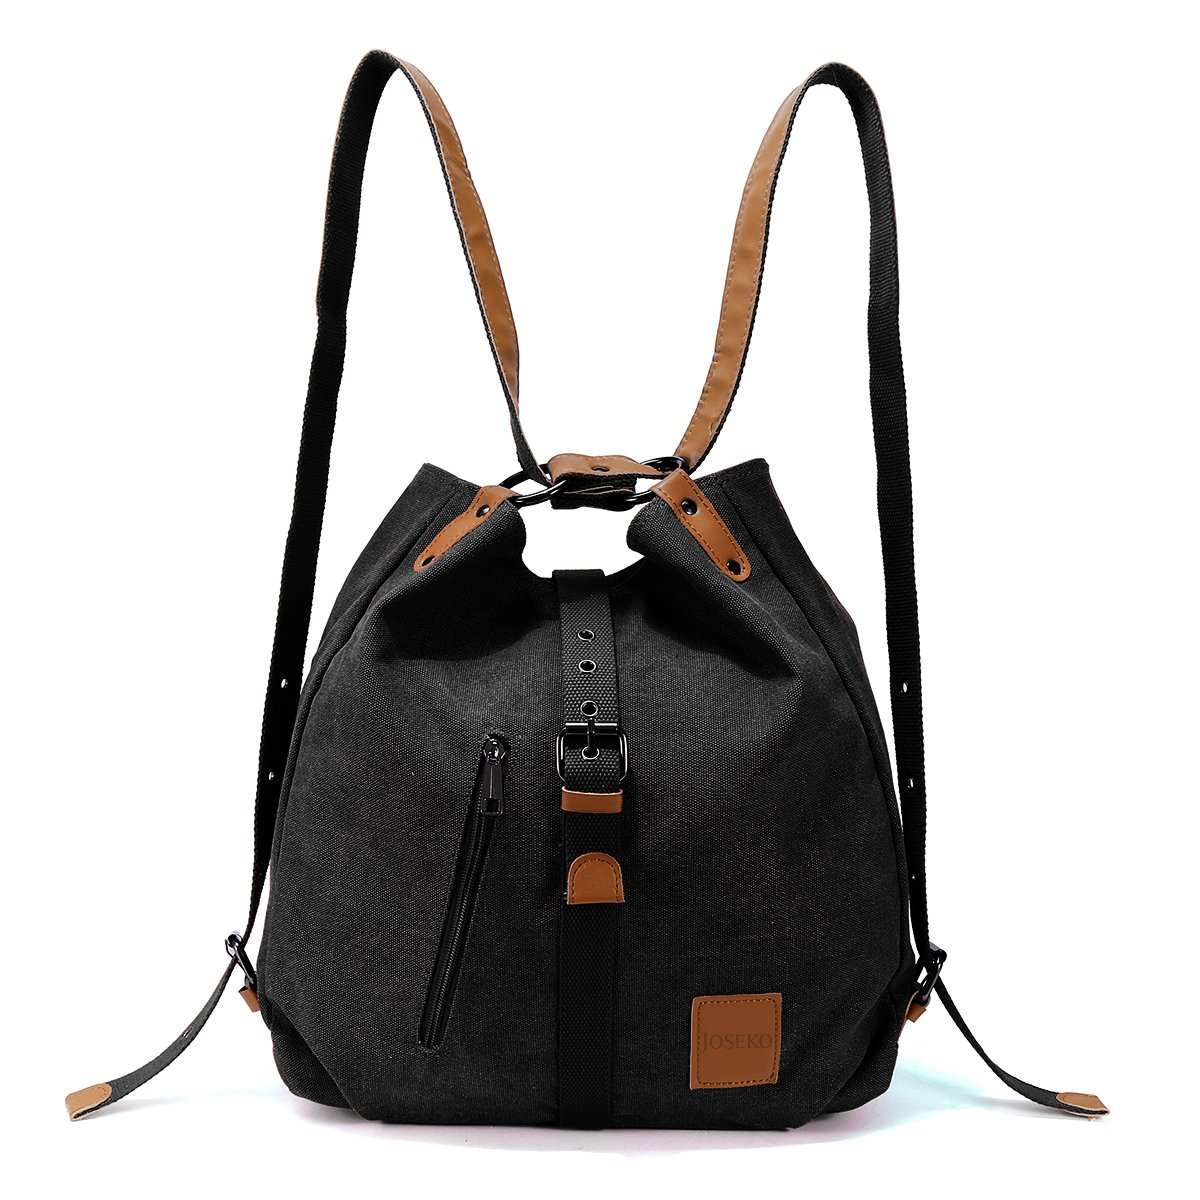 a55dc03adc KK Crafts Women Shoulder Bag